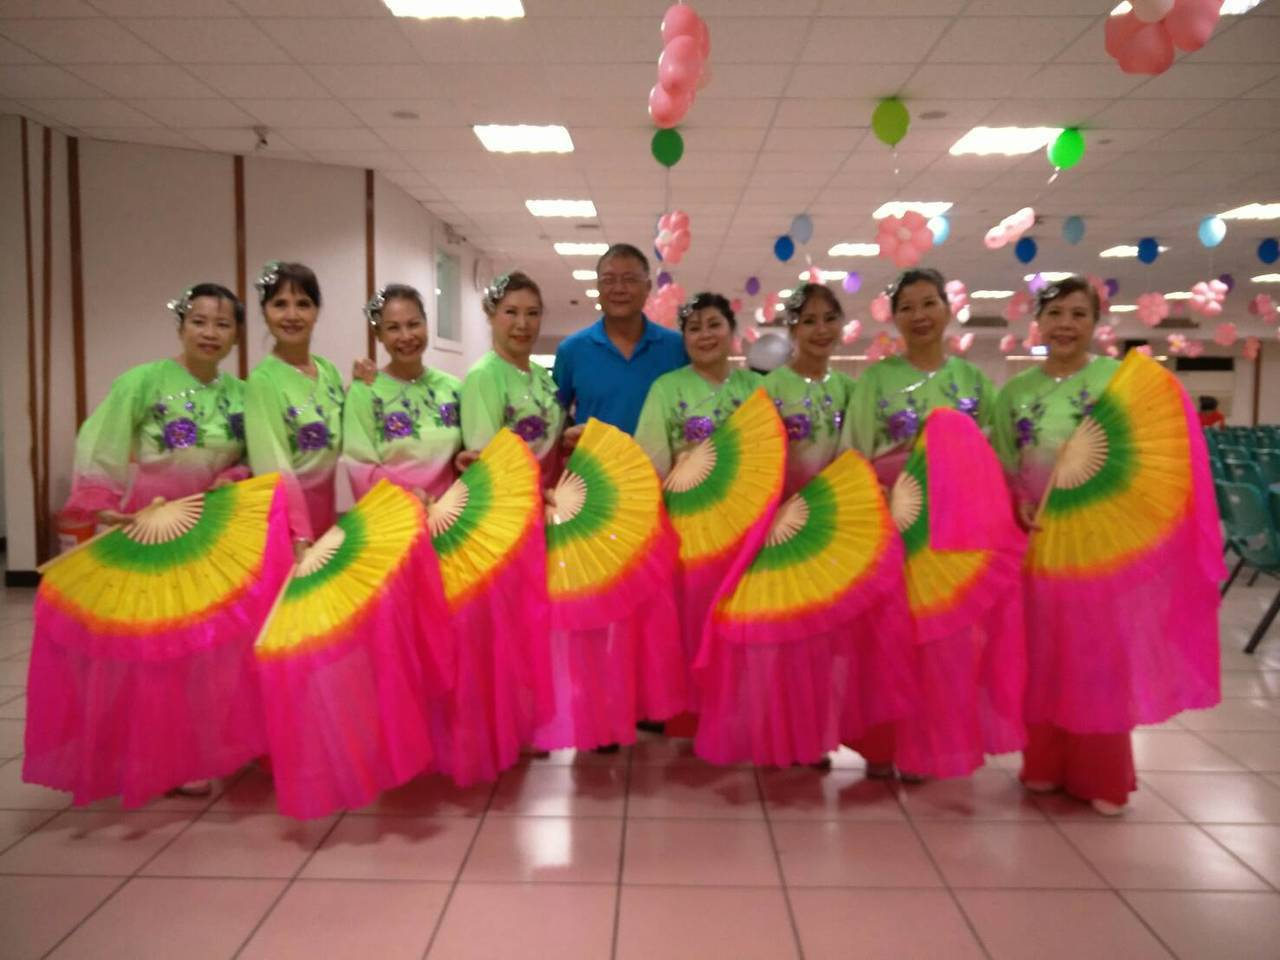 台北市內湖區公所今天舉辦「TAIPEI舞星」舞蹈比賽,並透過舞蹈比賽宣導銀髮樂活...